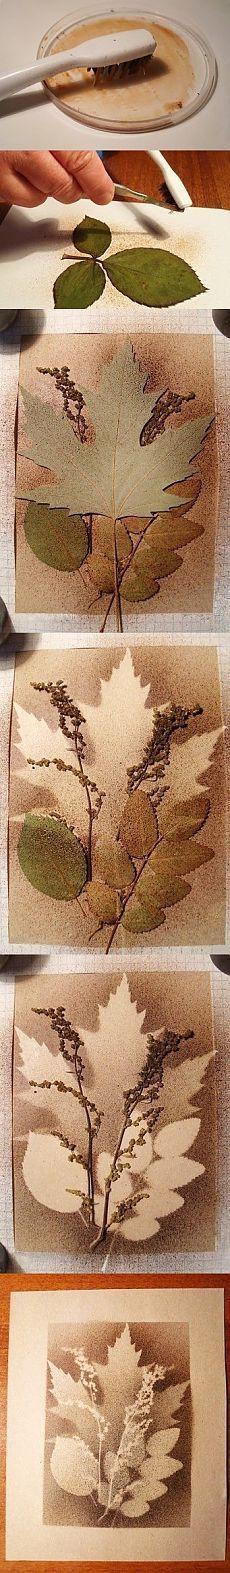 Картина из листьев | Мастер классы | рукоделие, декор, полимерная глина, плетение, вышивание